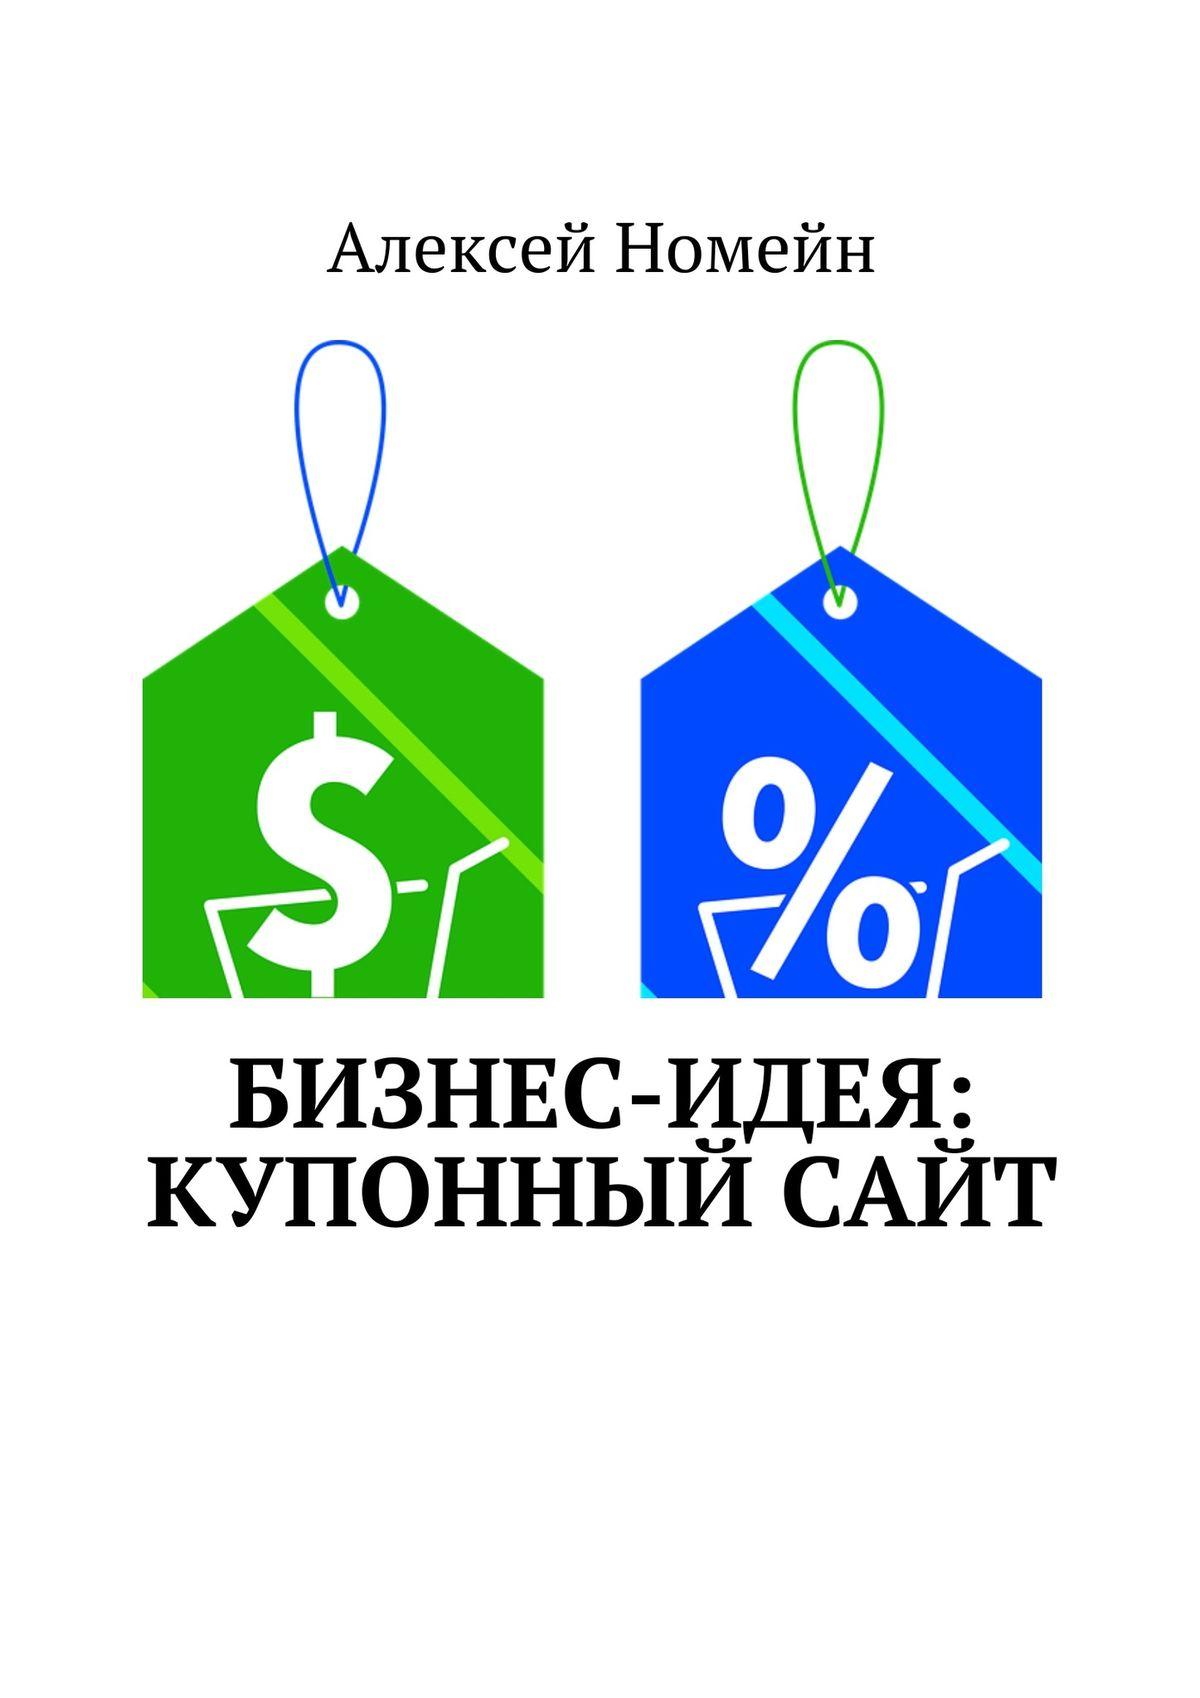 Алексей Номейн Бизнес-идея: Купонныйсайт алексей номейн общепит бизнес сборник